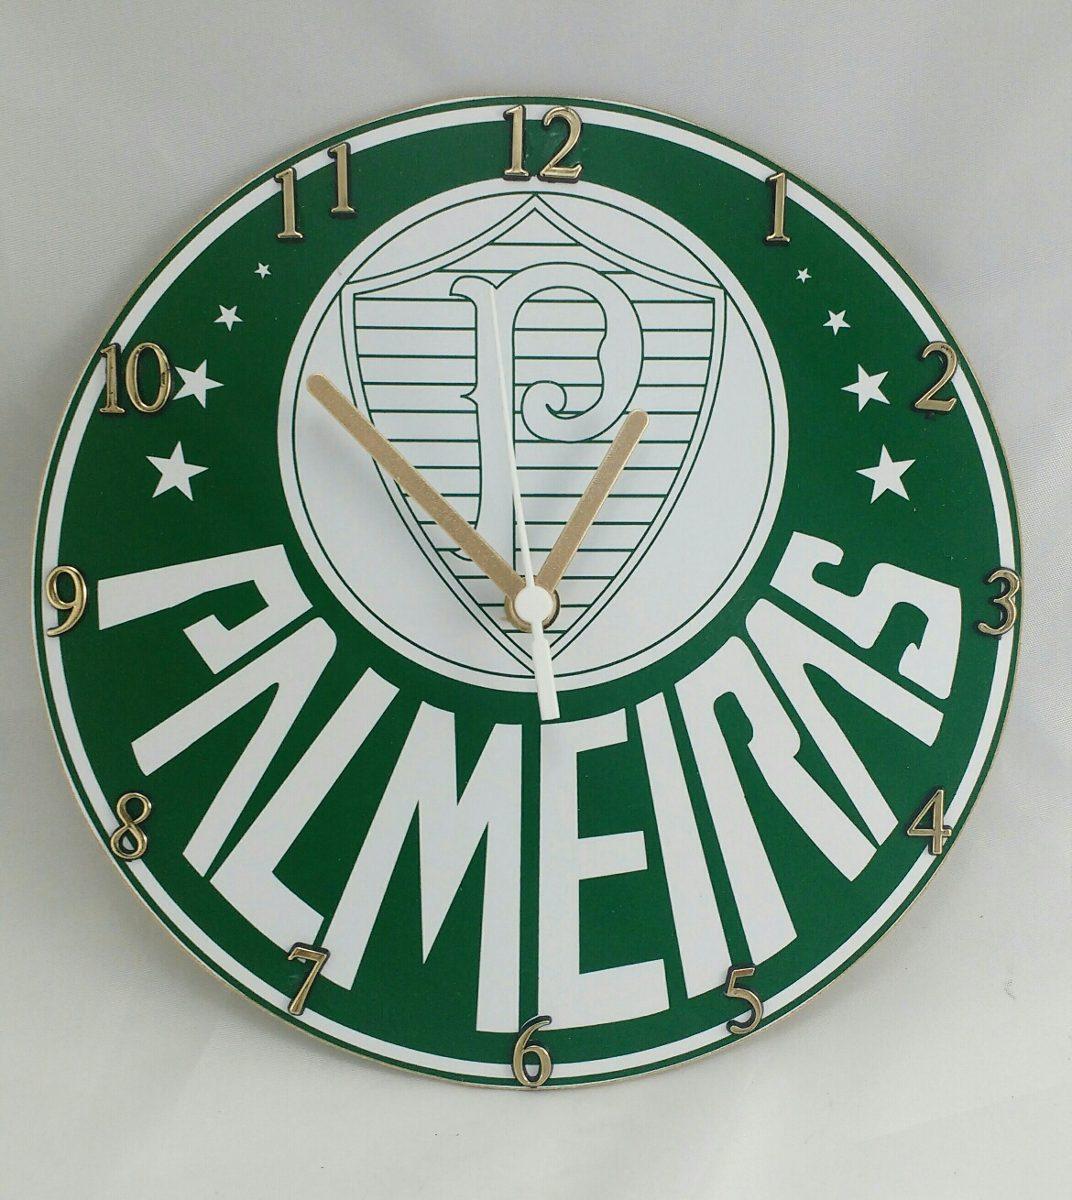 Relógio Do Palmeiras De Parede - R  39,99 em Mercado Livre 16762c6281